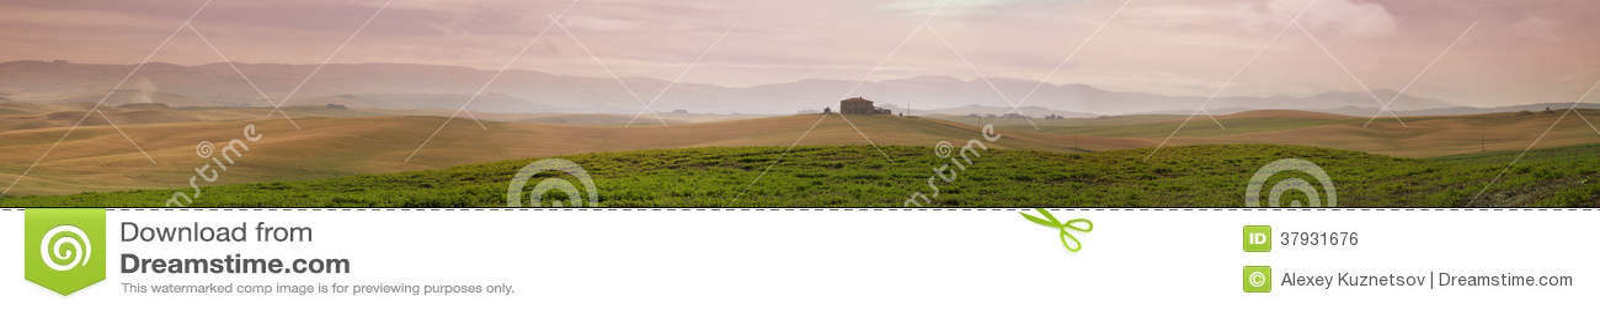 Панорама полей завальцовки, Италия